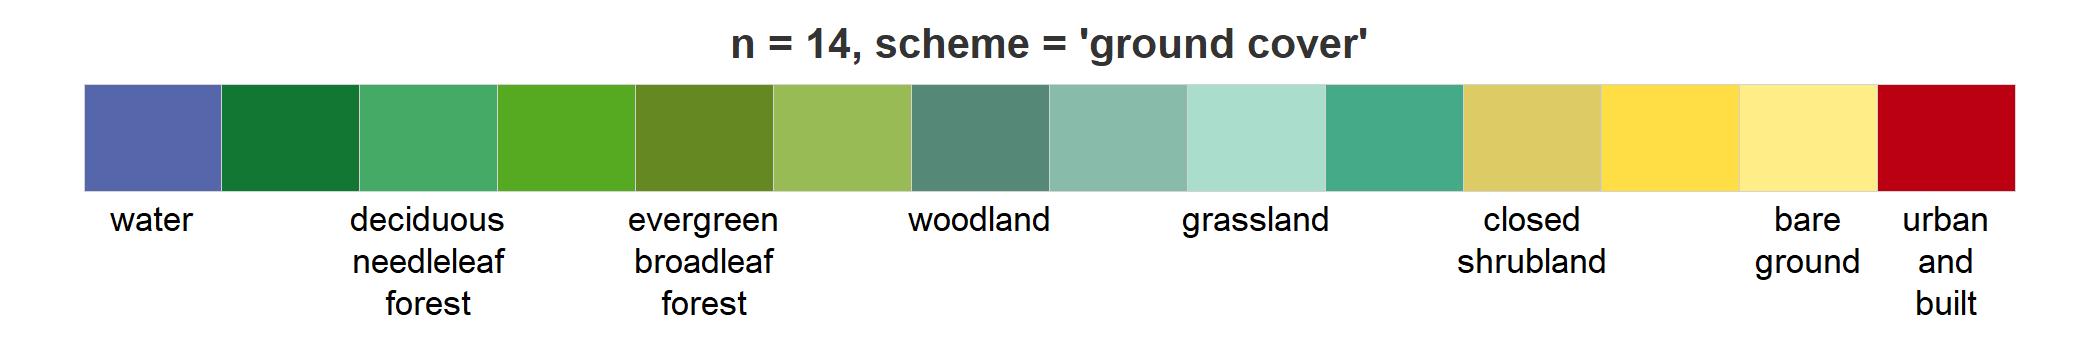 Land cover color scheme